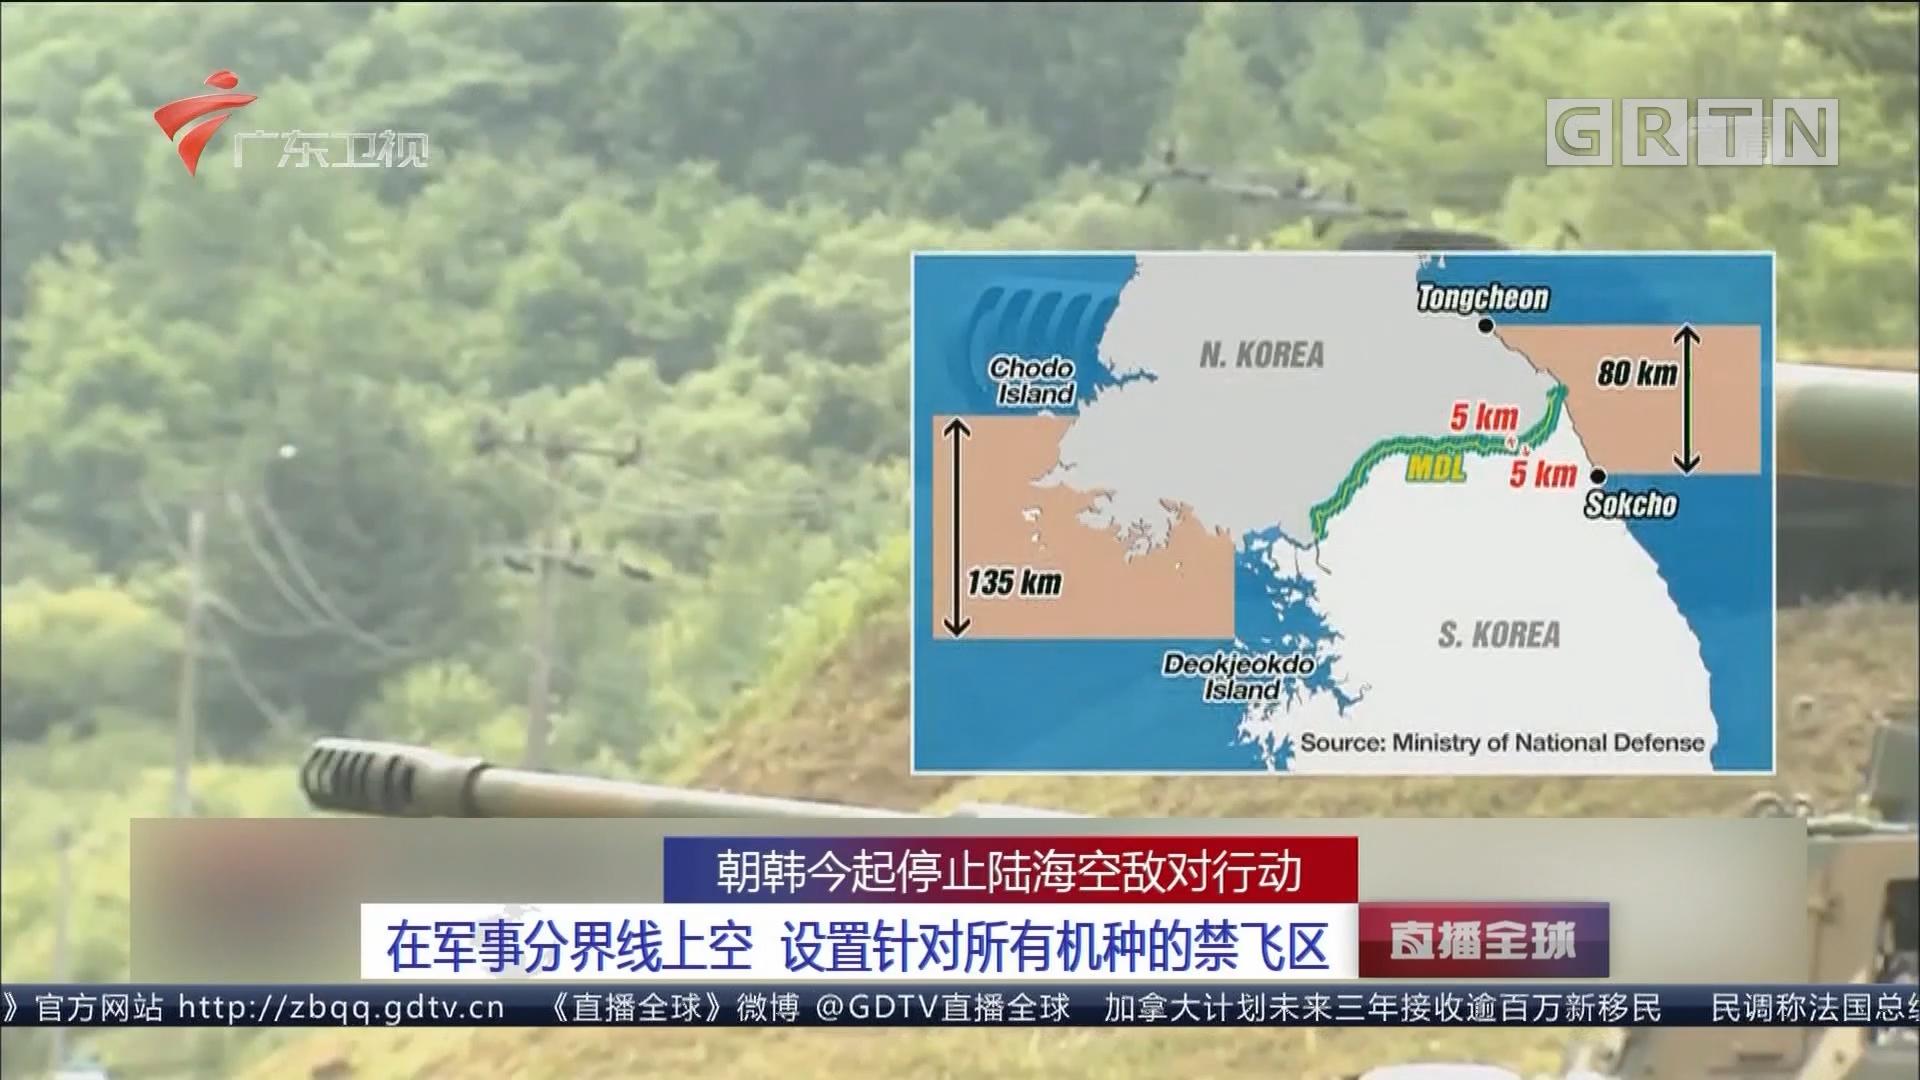 朝韩今起停止陆海空敌对行动:在军事分界线上空 设置针对所有机种的禁飞区